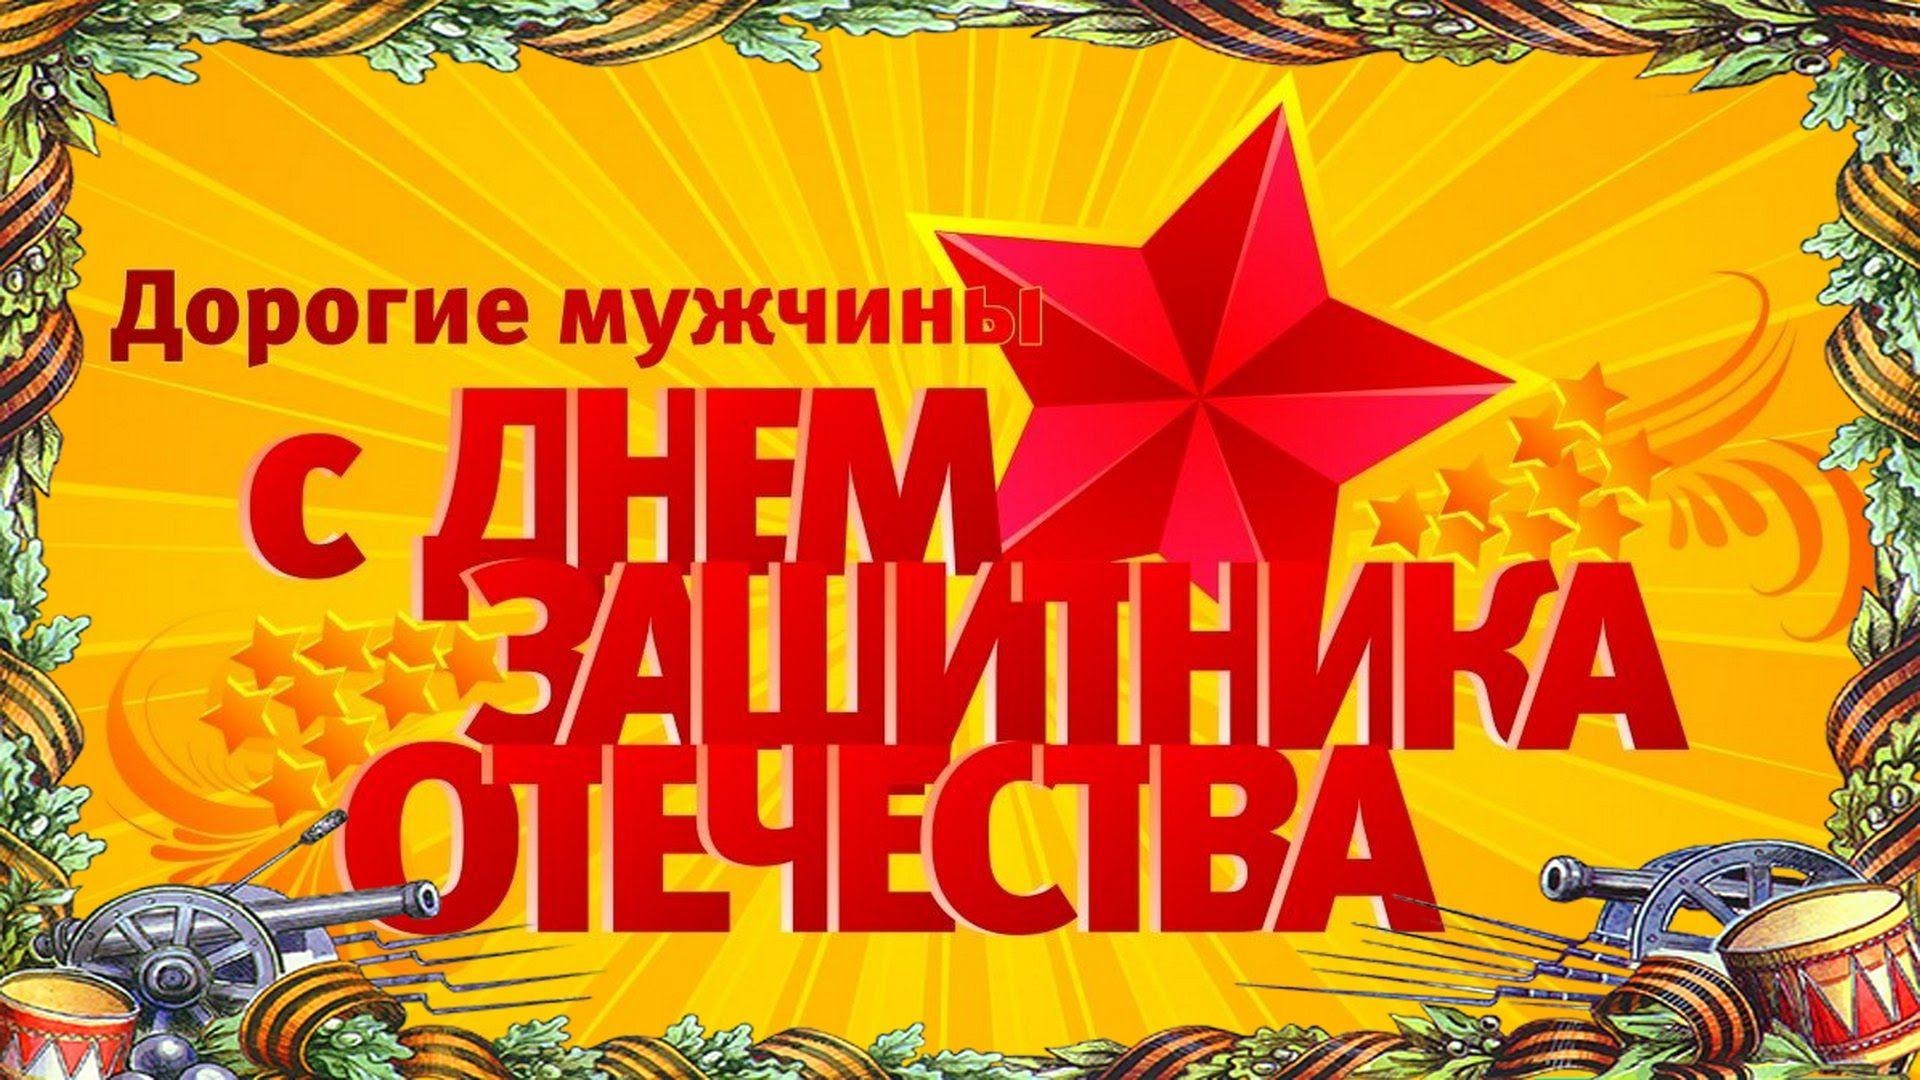 Prazdnik Den Zashitnika Otechestva Pozdravleniya S Dnem